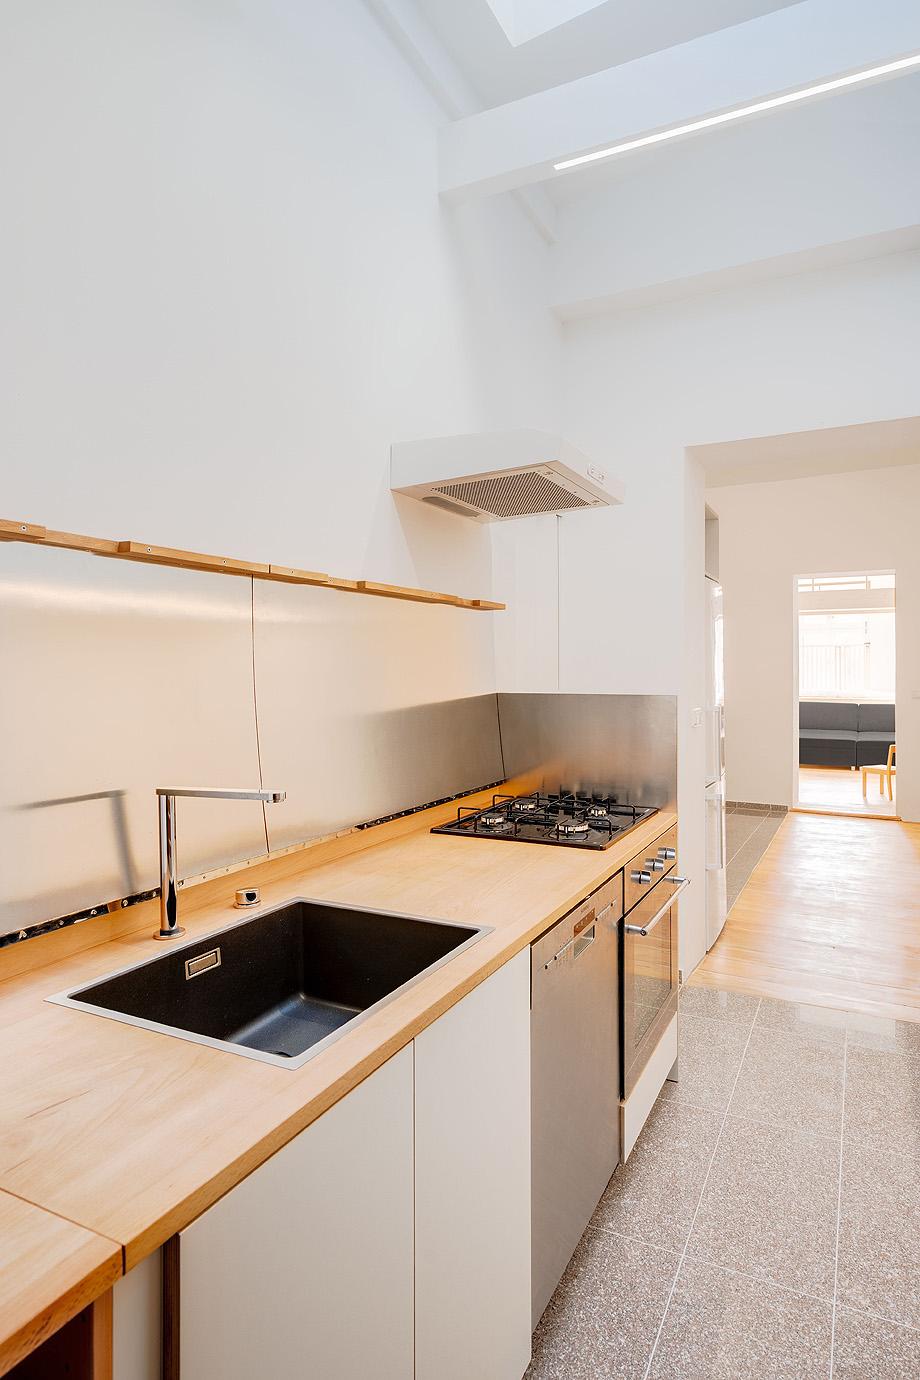 apartamento am106 de paola bagna - foto ringo paulusch (35)